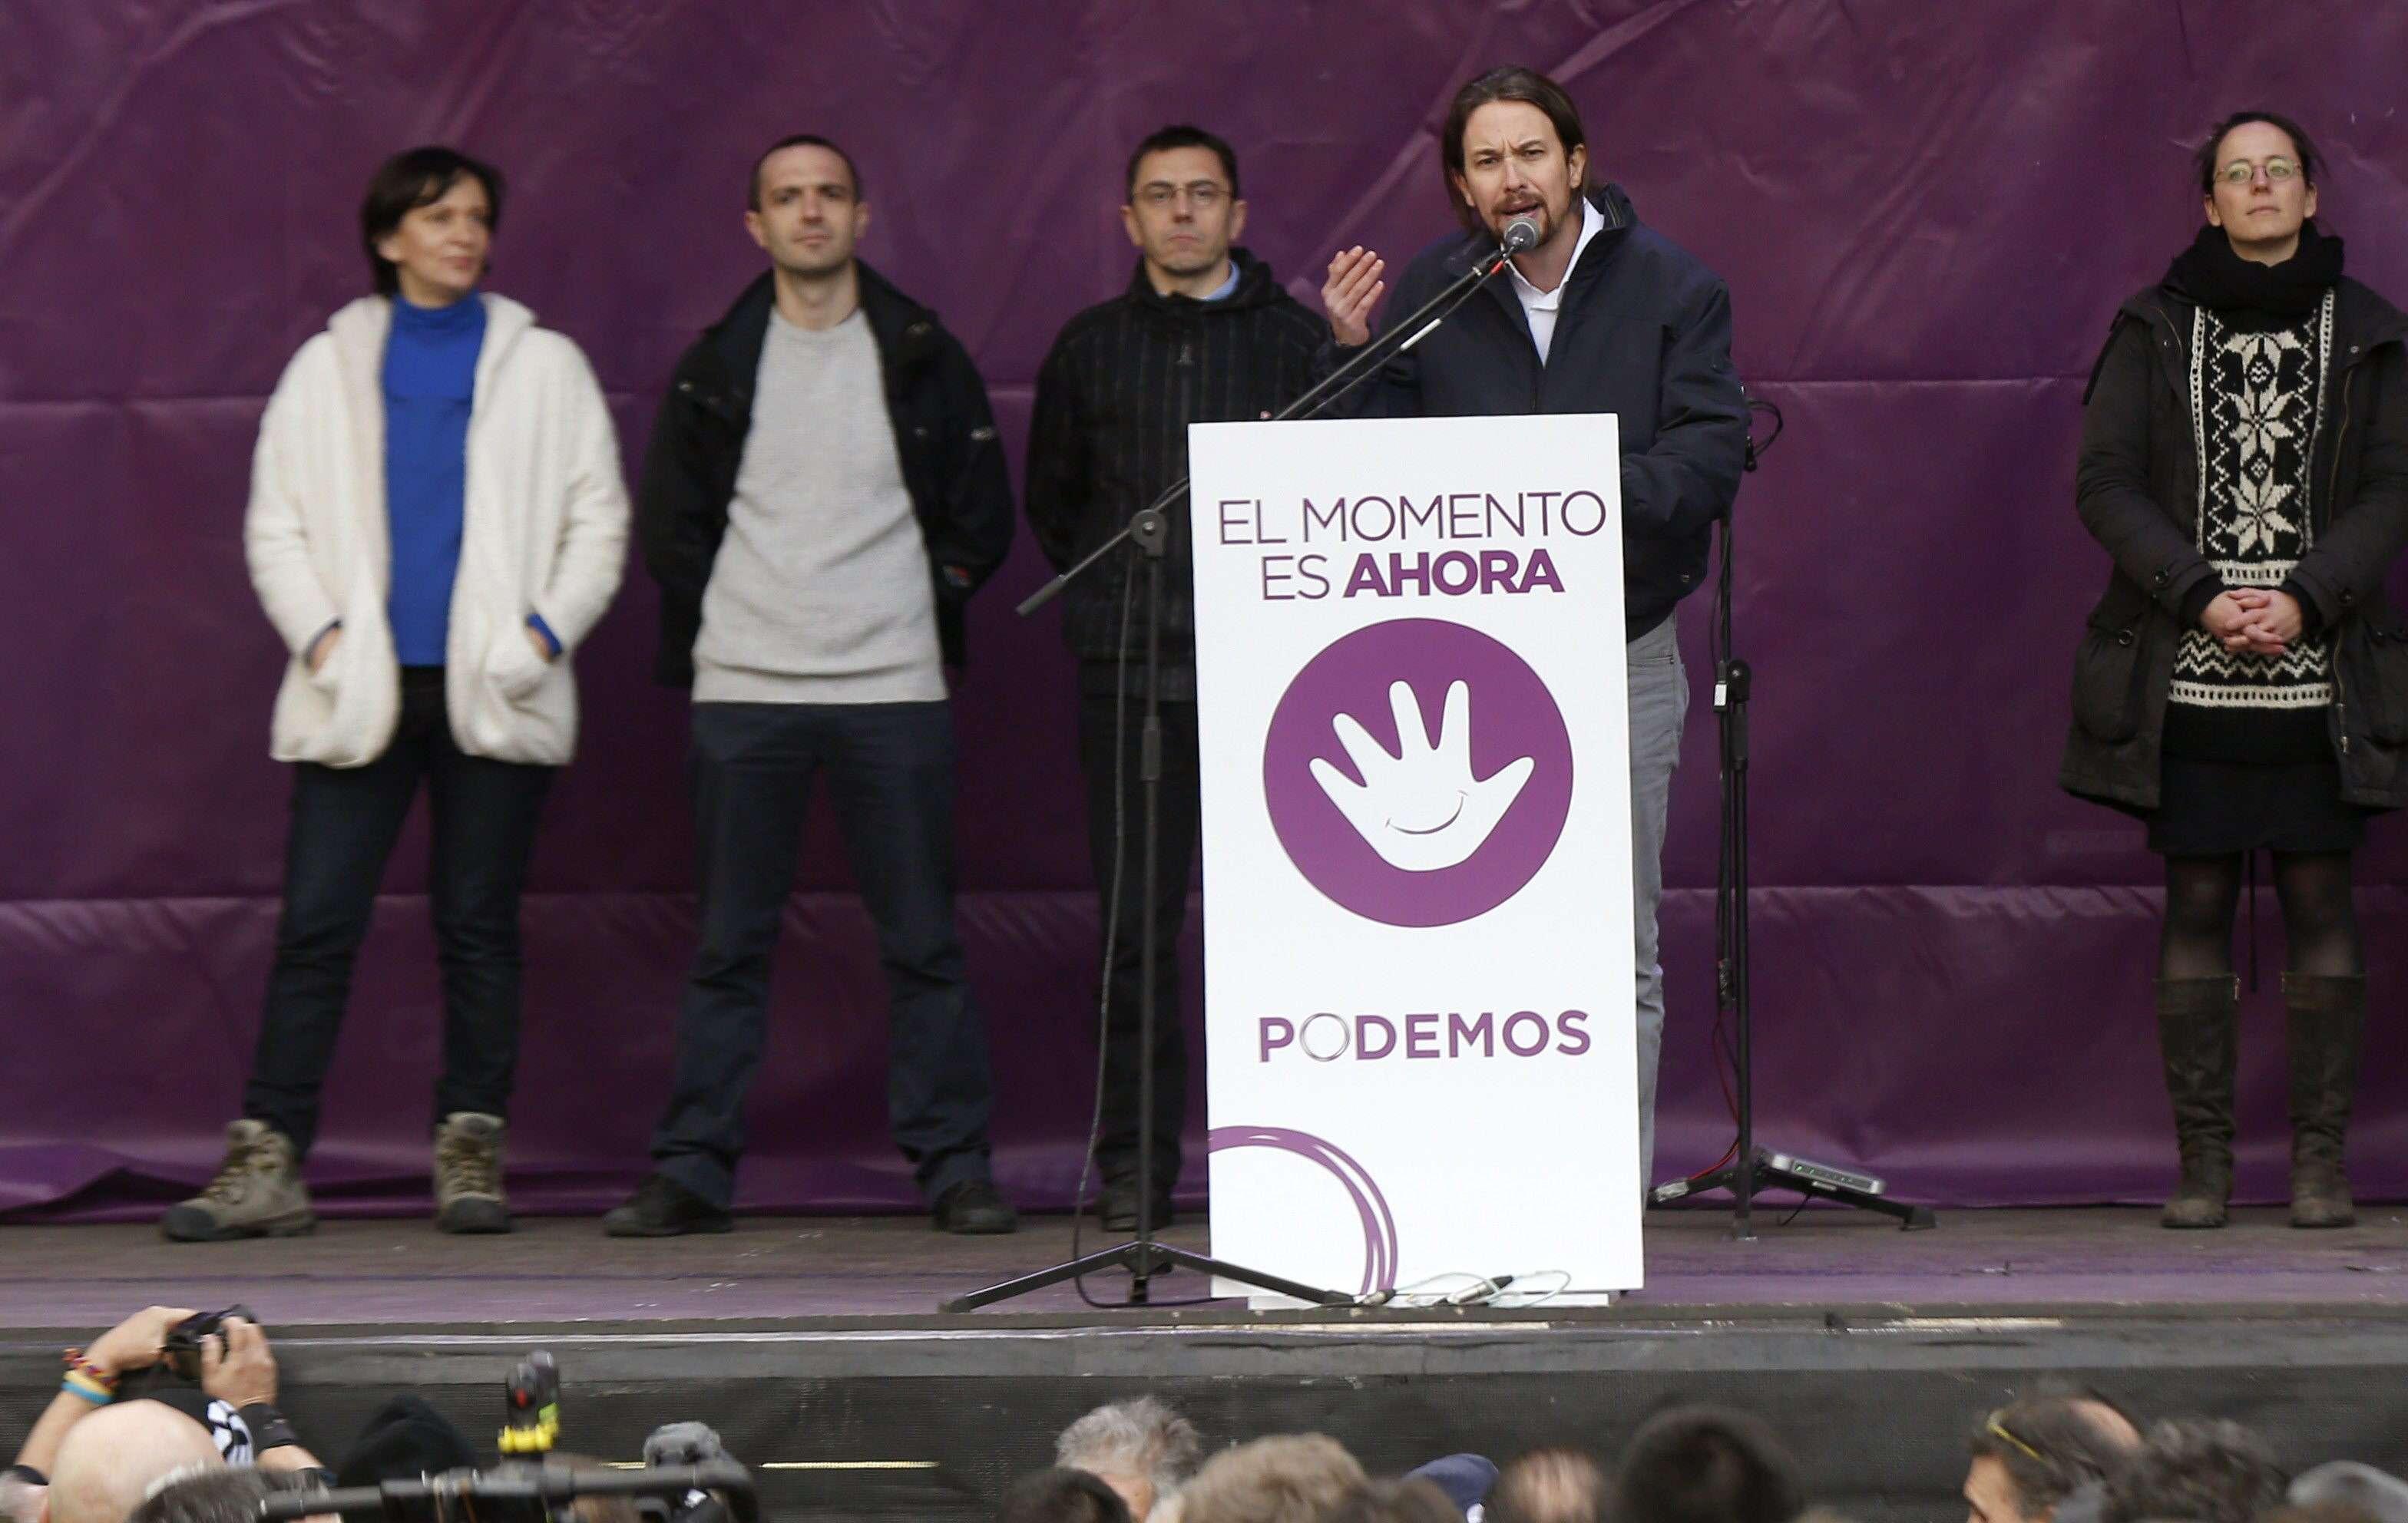 """La """"marcha del cambio"""" convocada por Podemos (Madrid). Foto: EFE en español"""